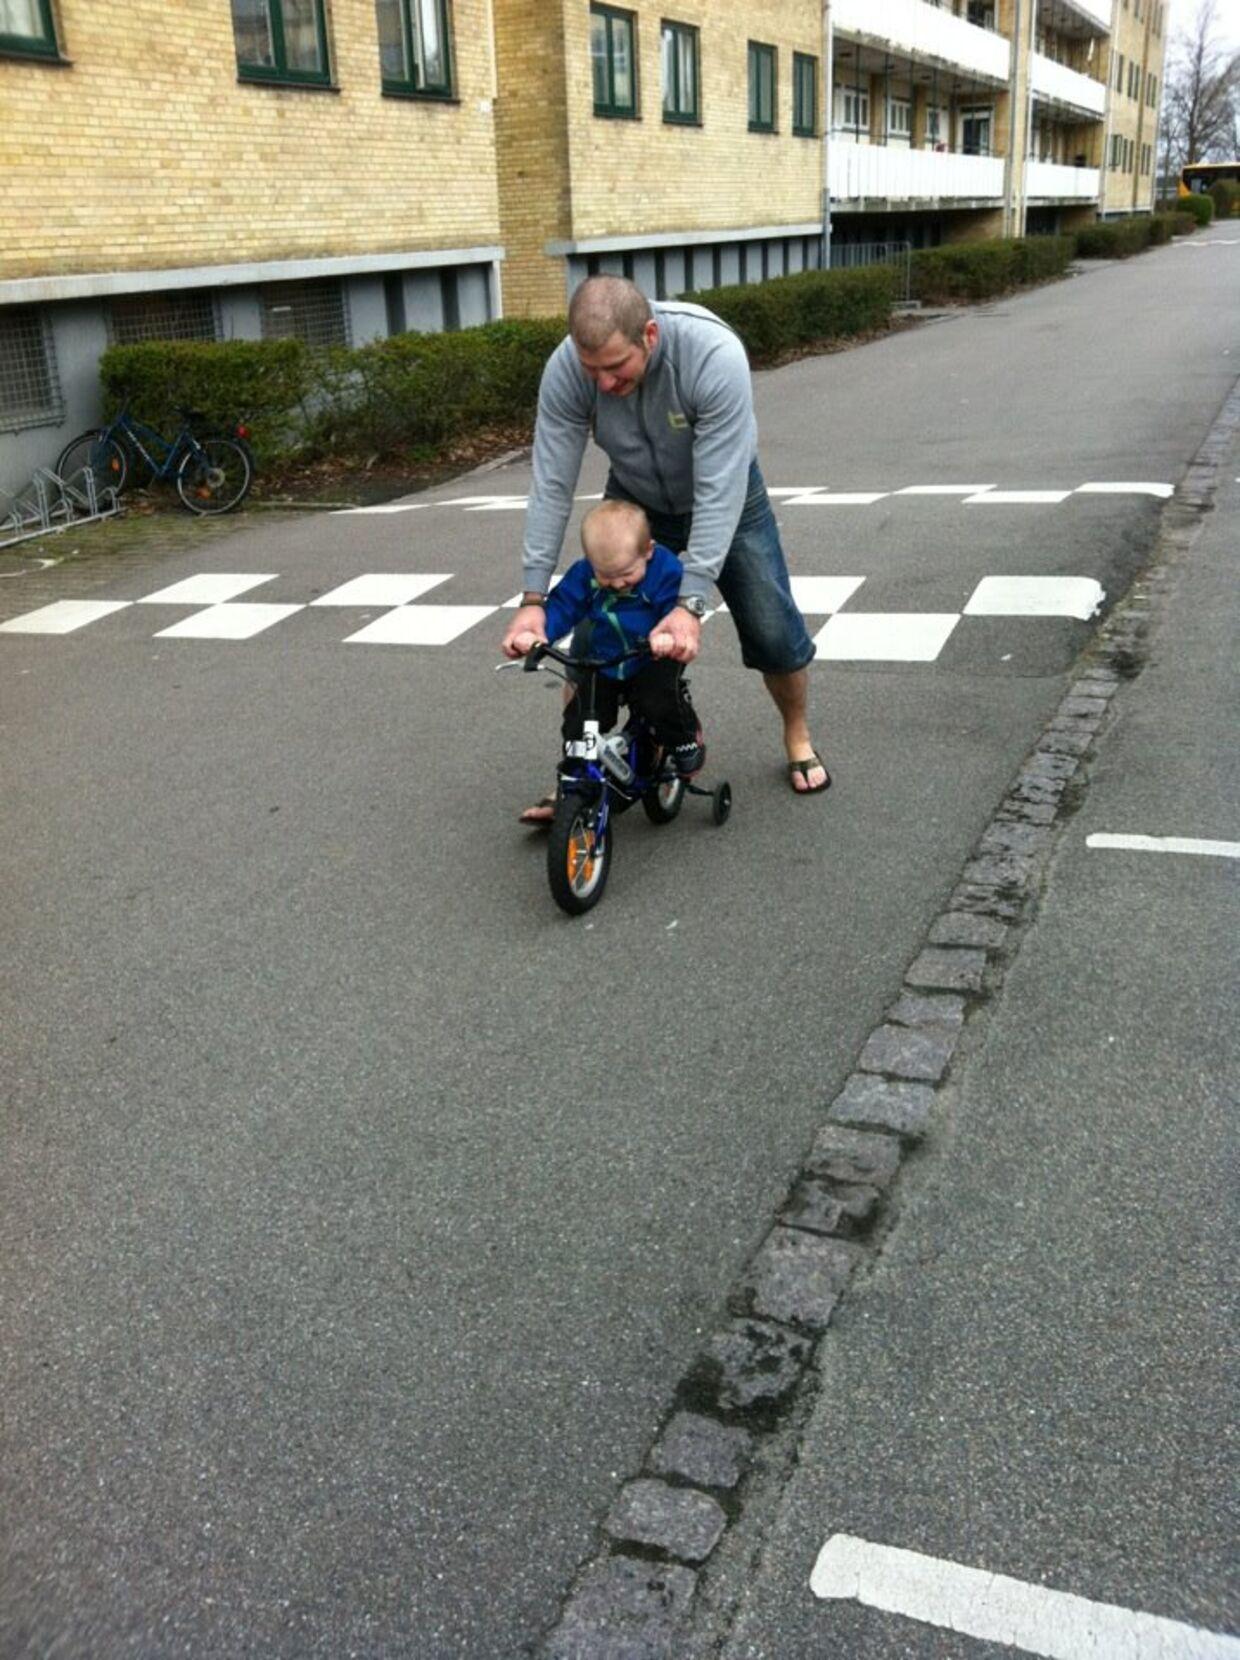 To-årige Maximilian får hjælp af far til at lære at cykle. Billedet er fra april 2012. (Foto: privat)